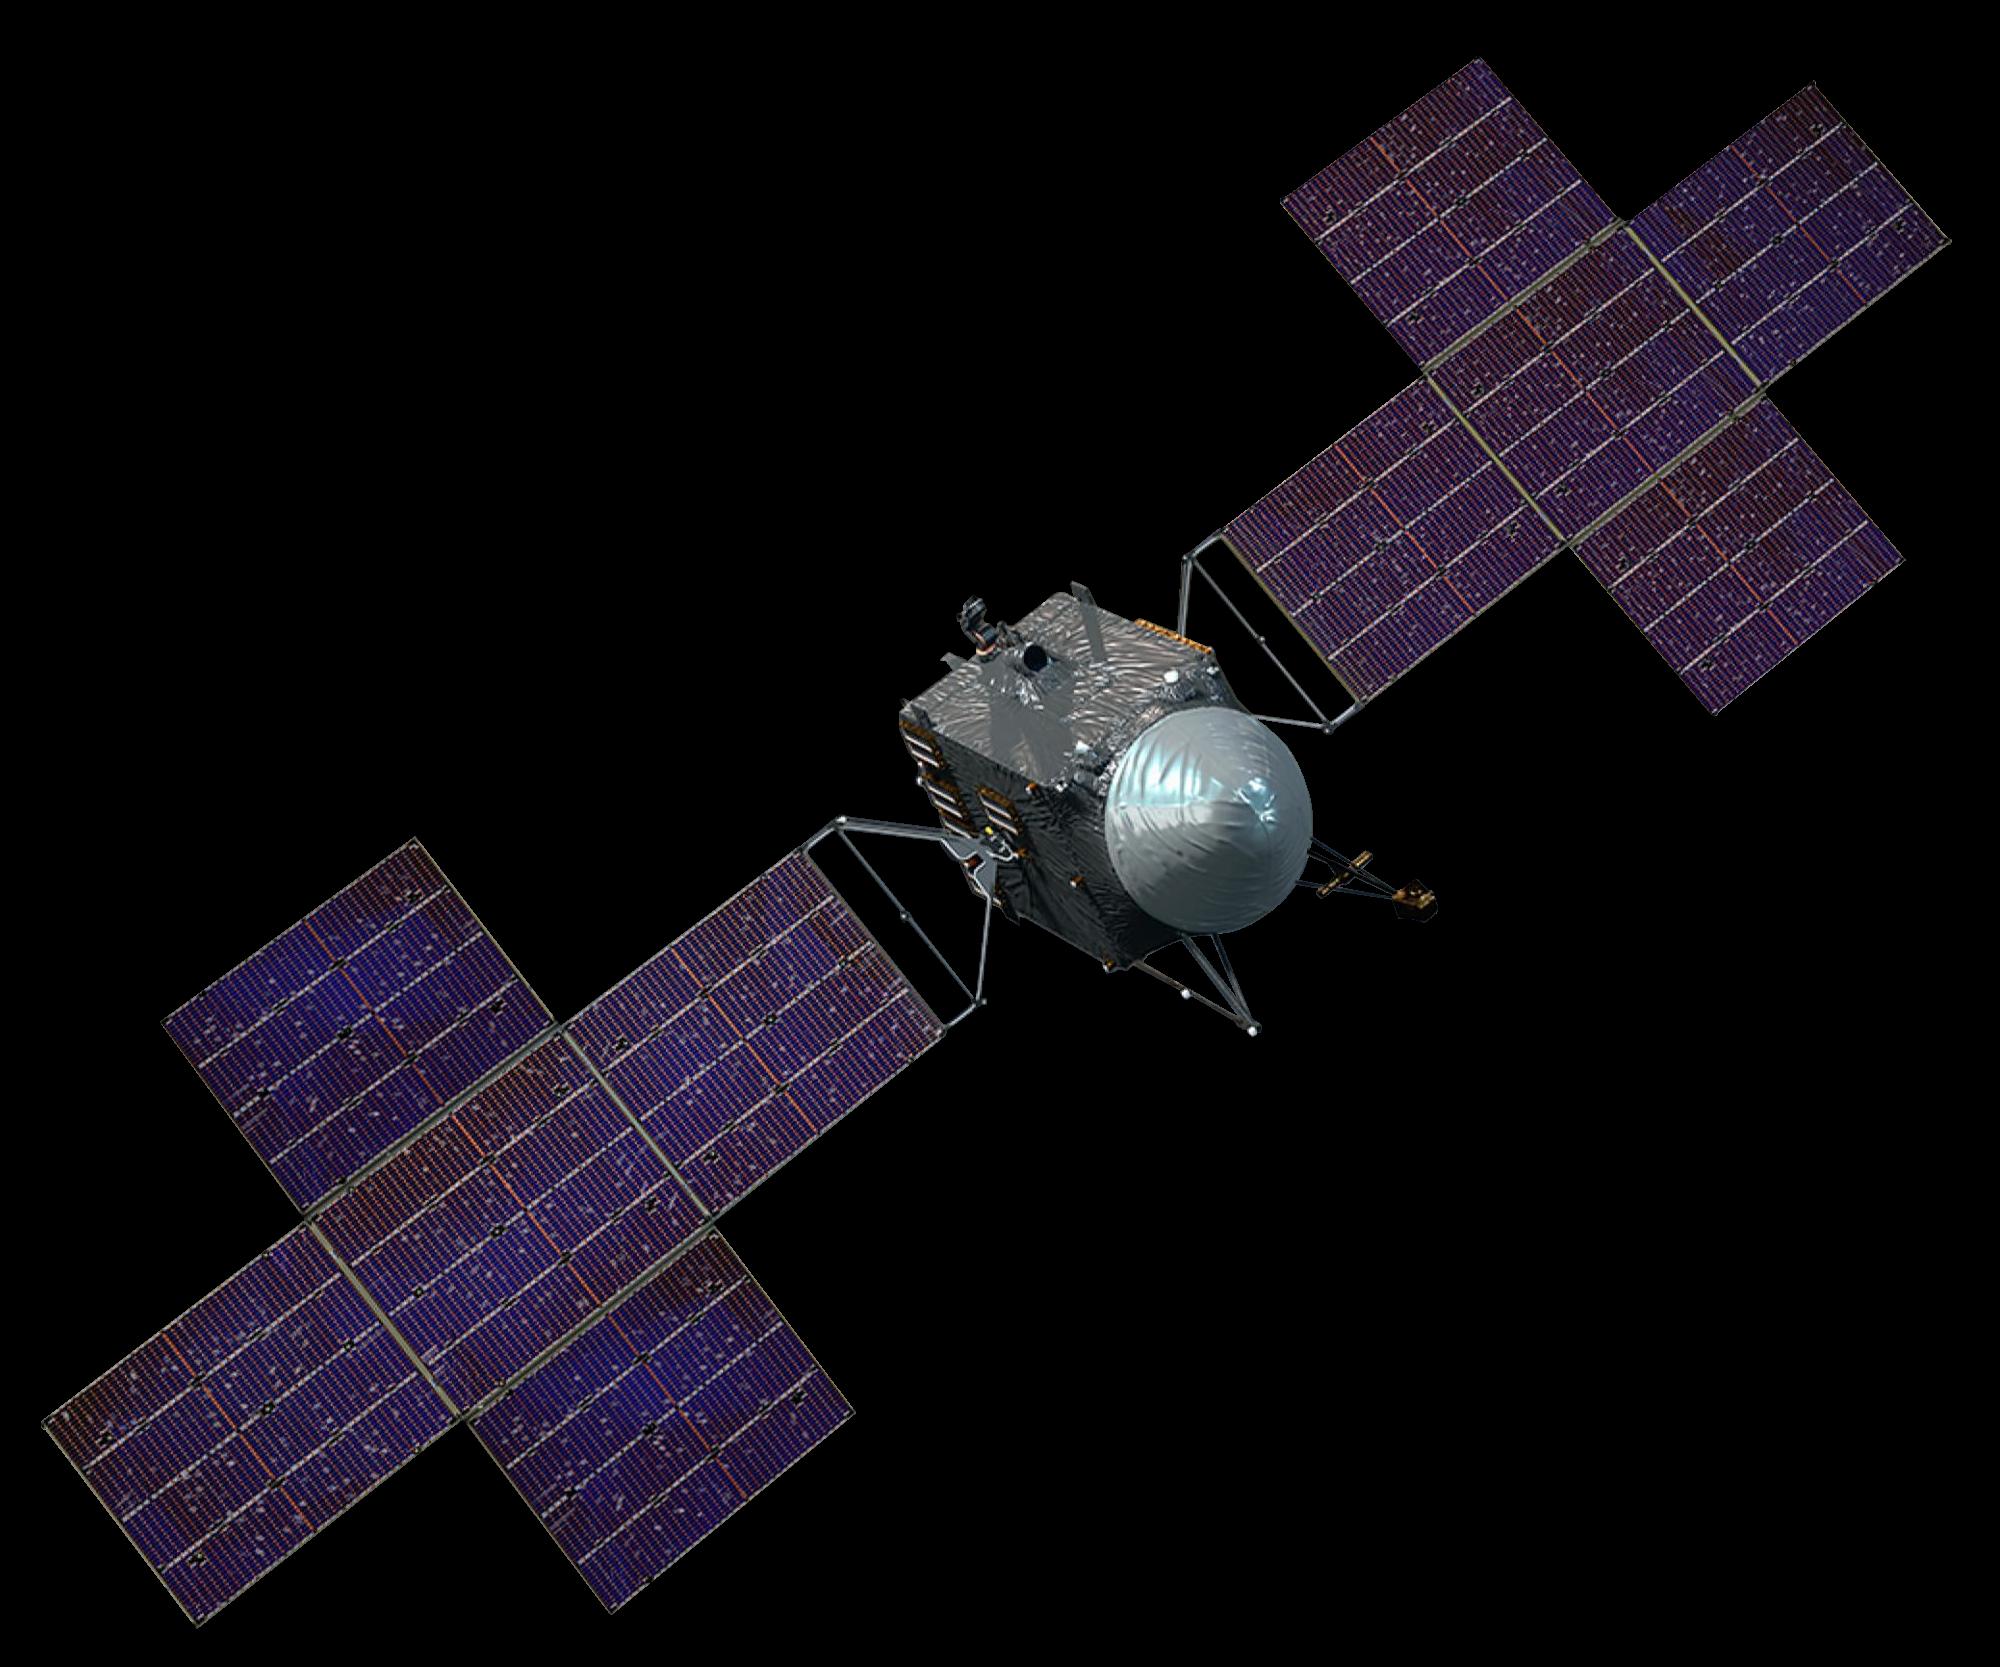 Psyche (spacecraft).